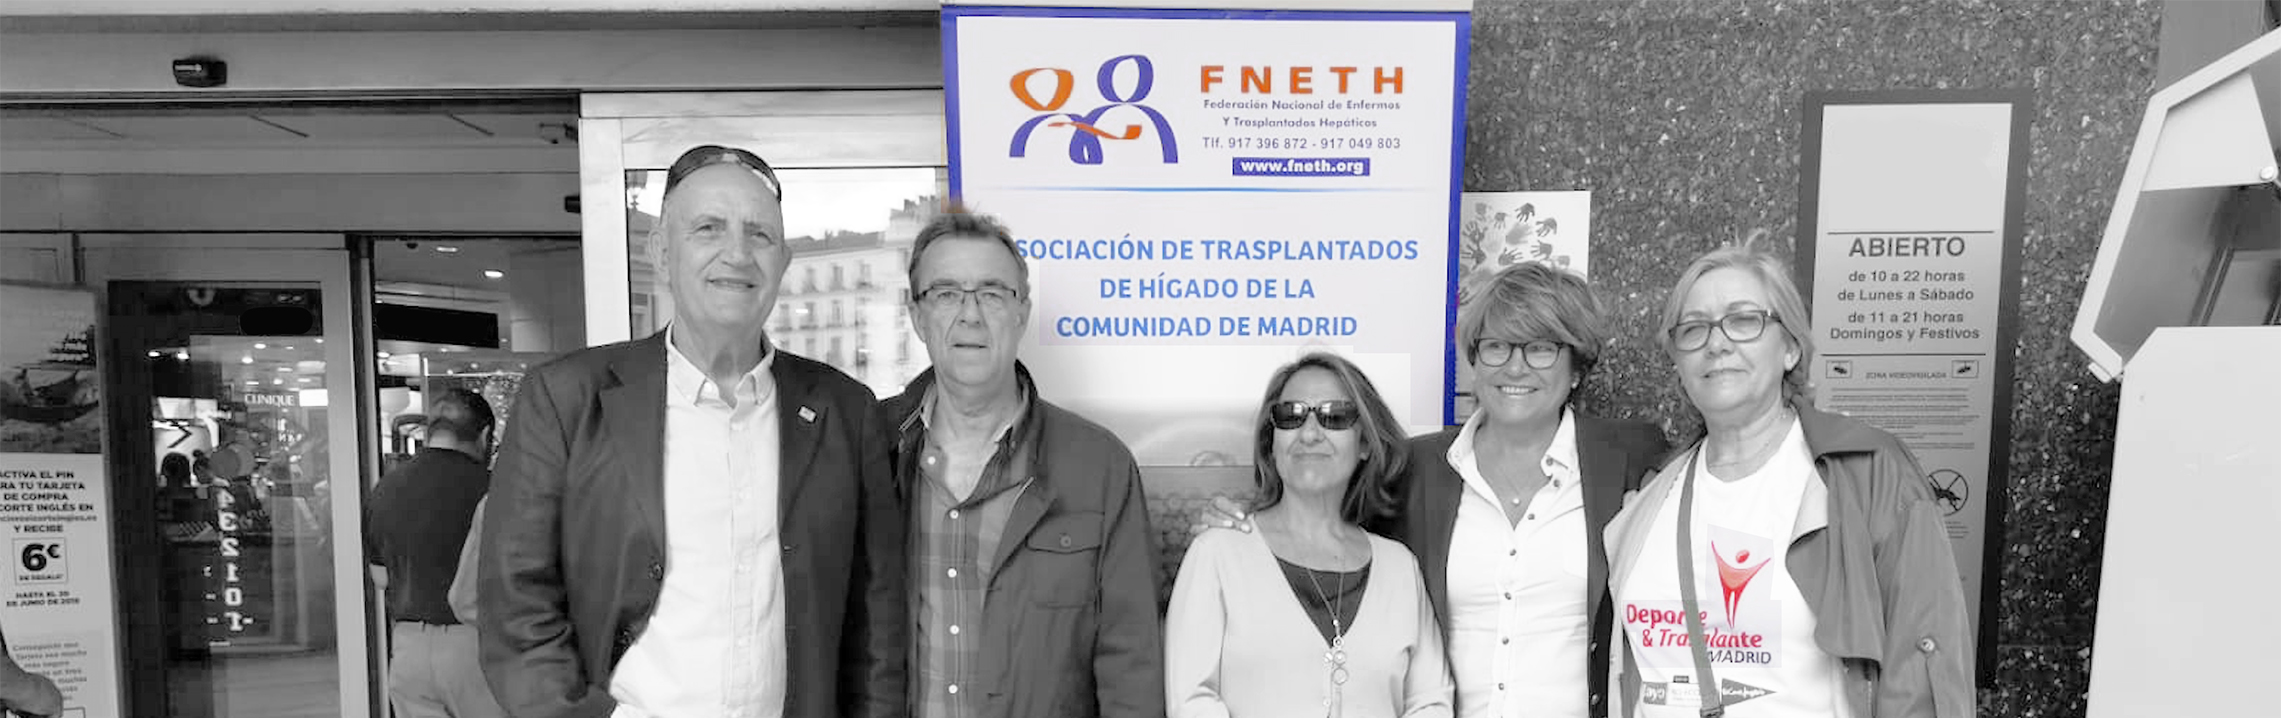 trasplantes de órganos España